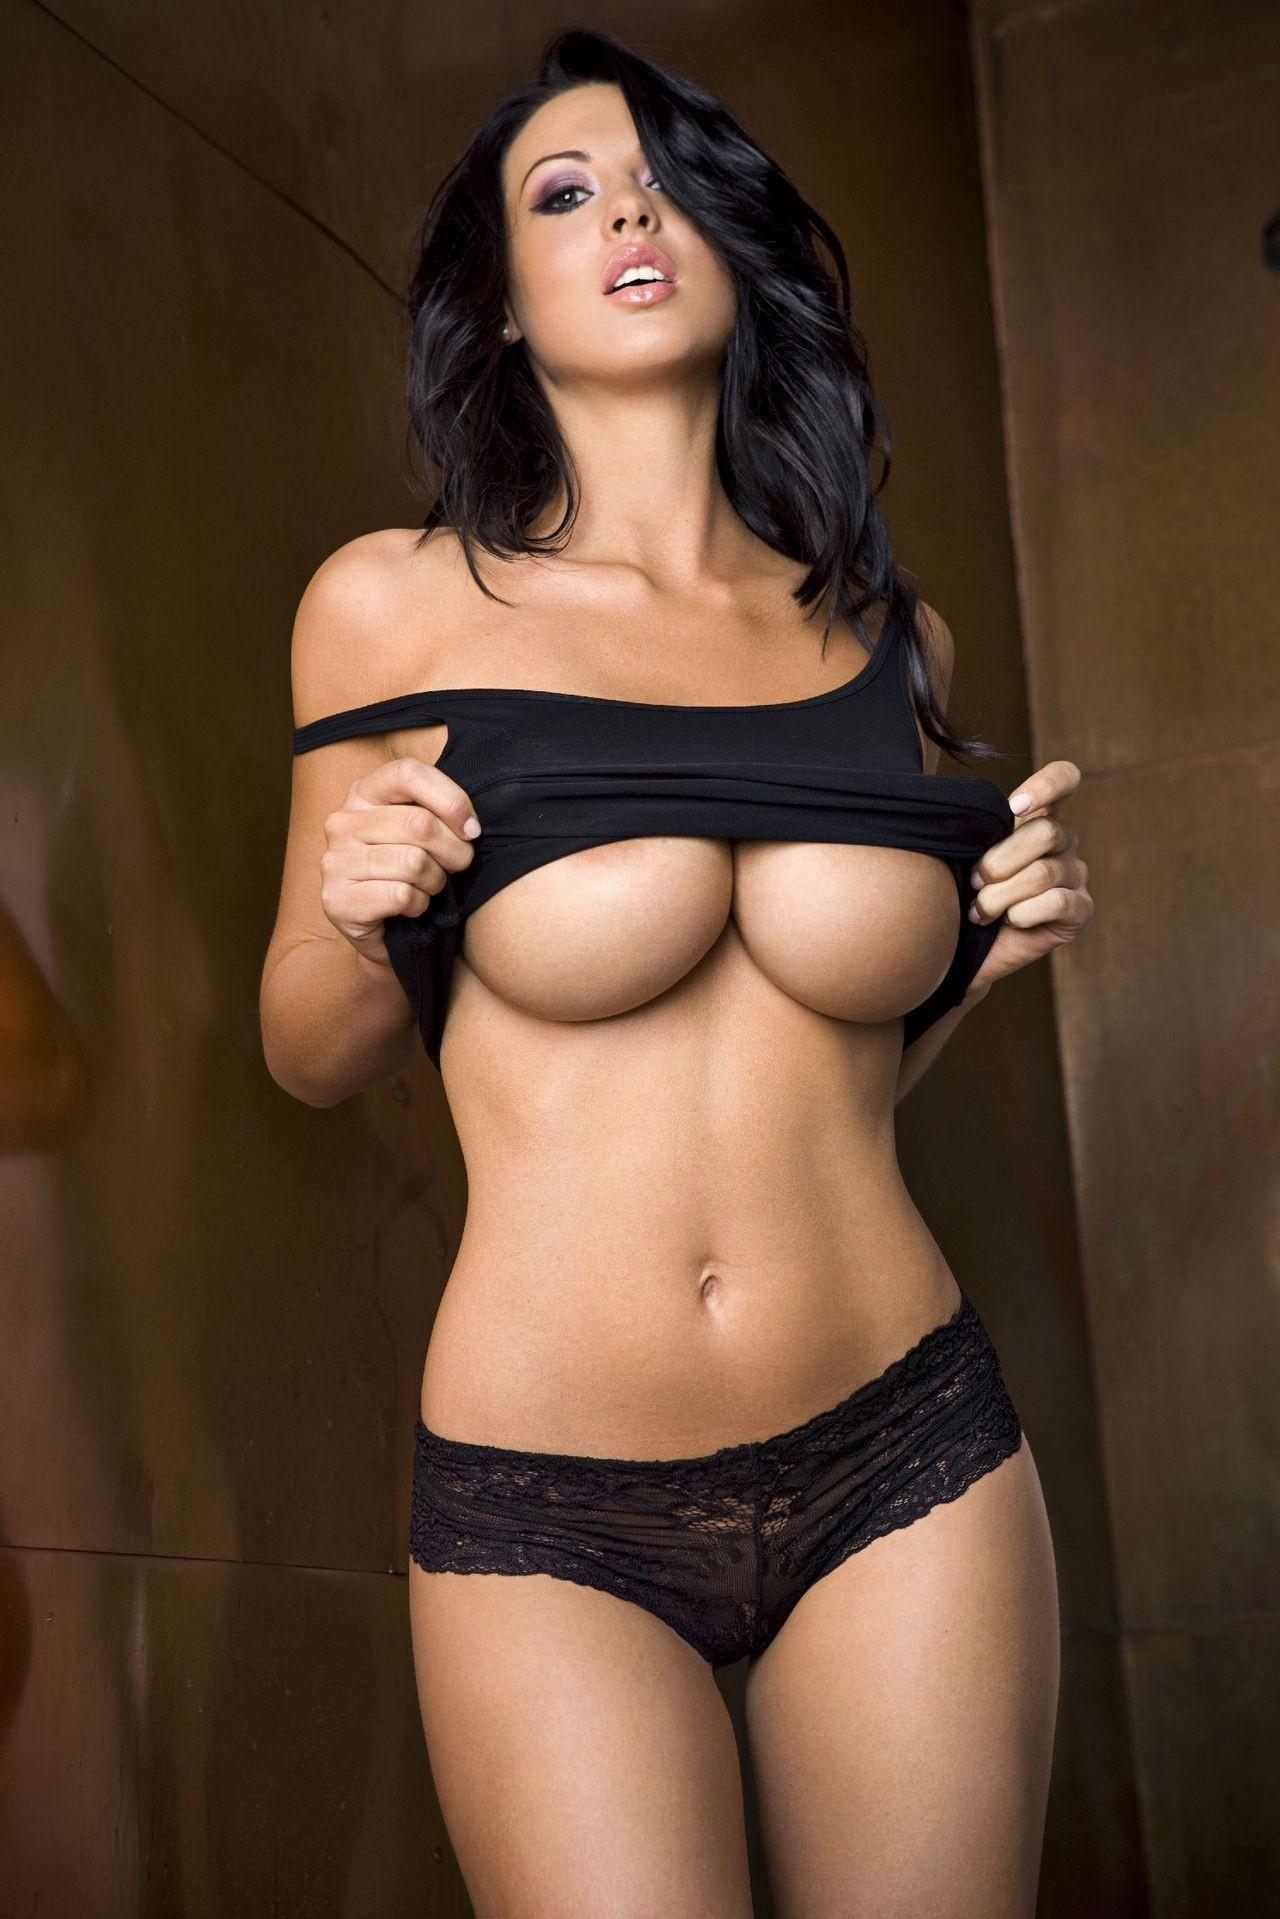 Wallpaper  Women, Long Hair, Big Boobs, Black Hair -8344